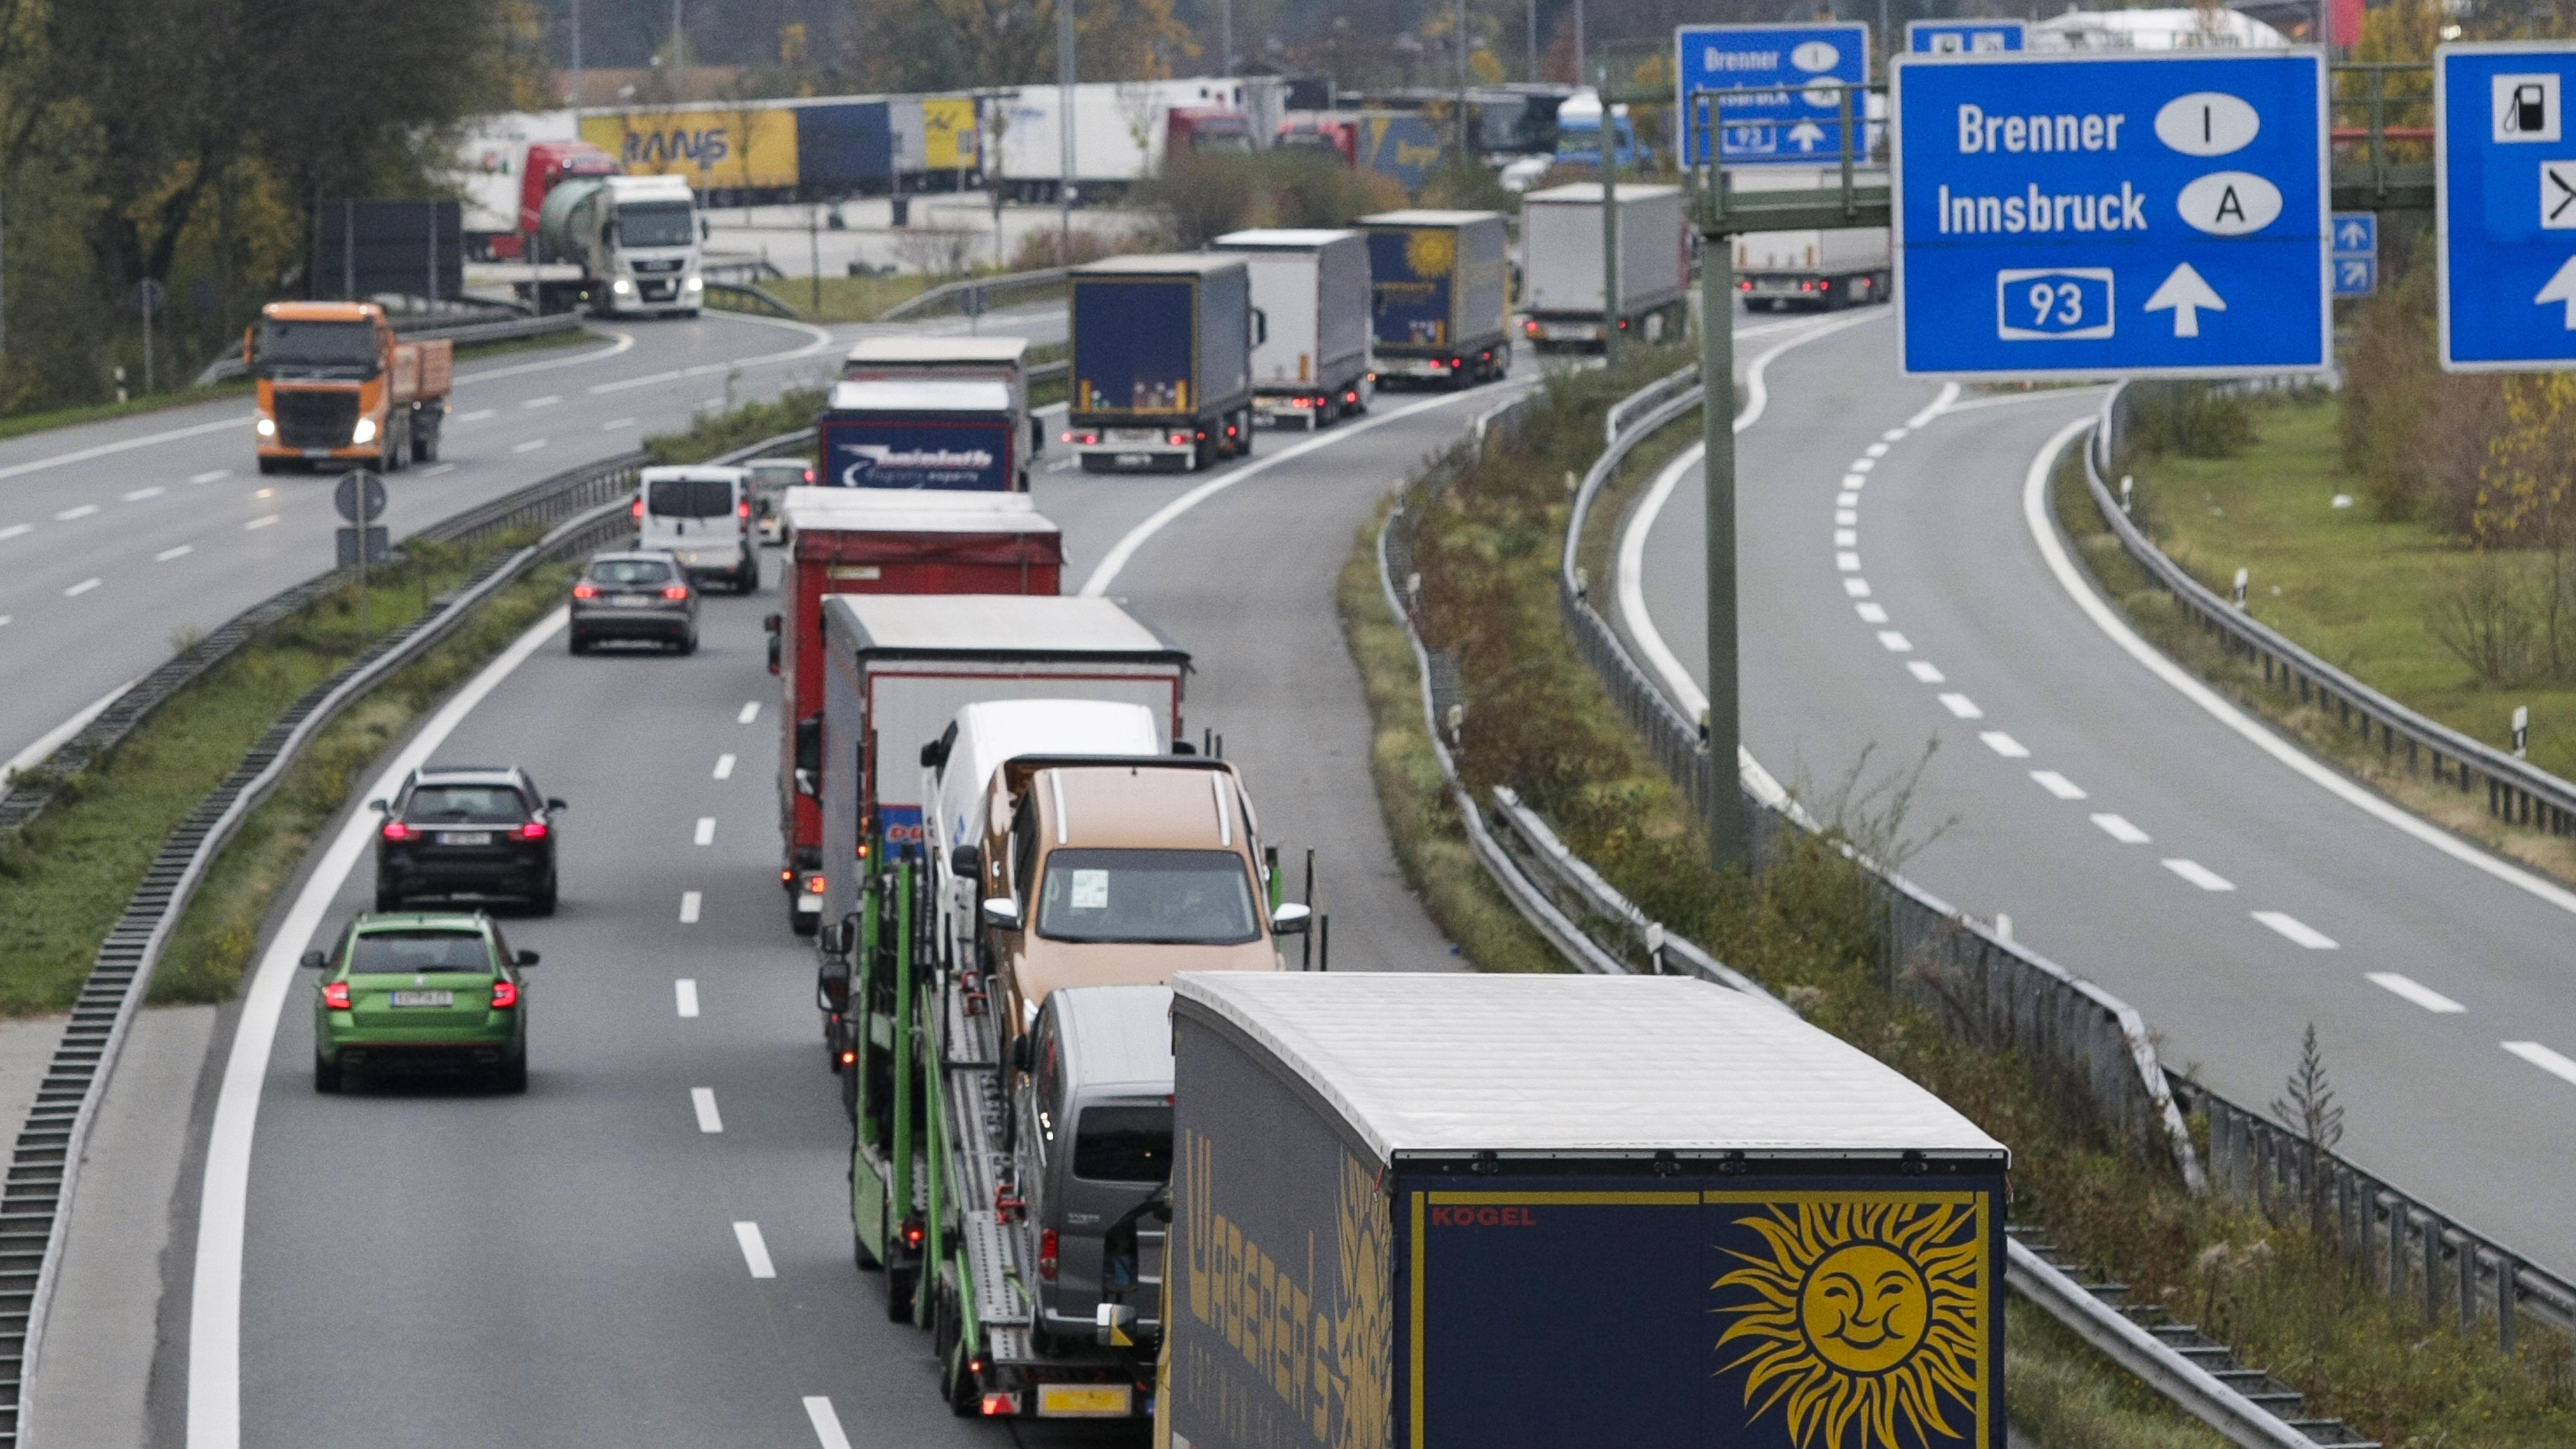 Lkw stauen sich auf der Inntalautobahn bei Kufstein